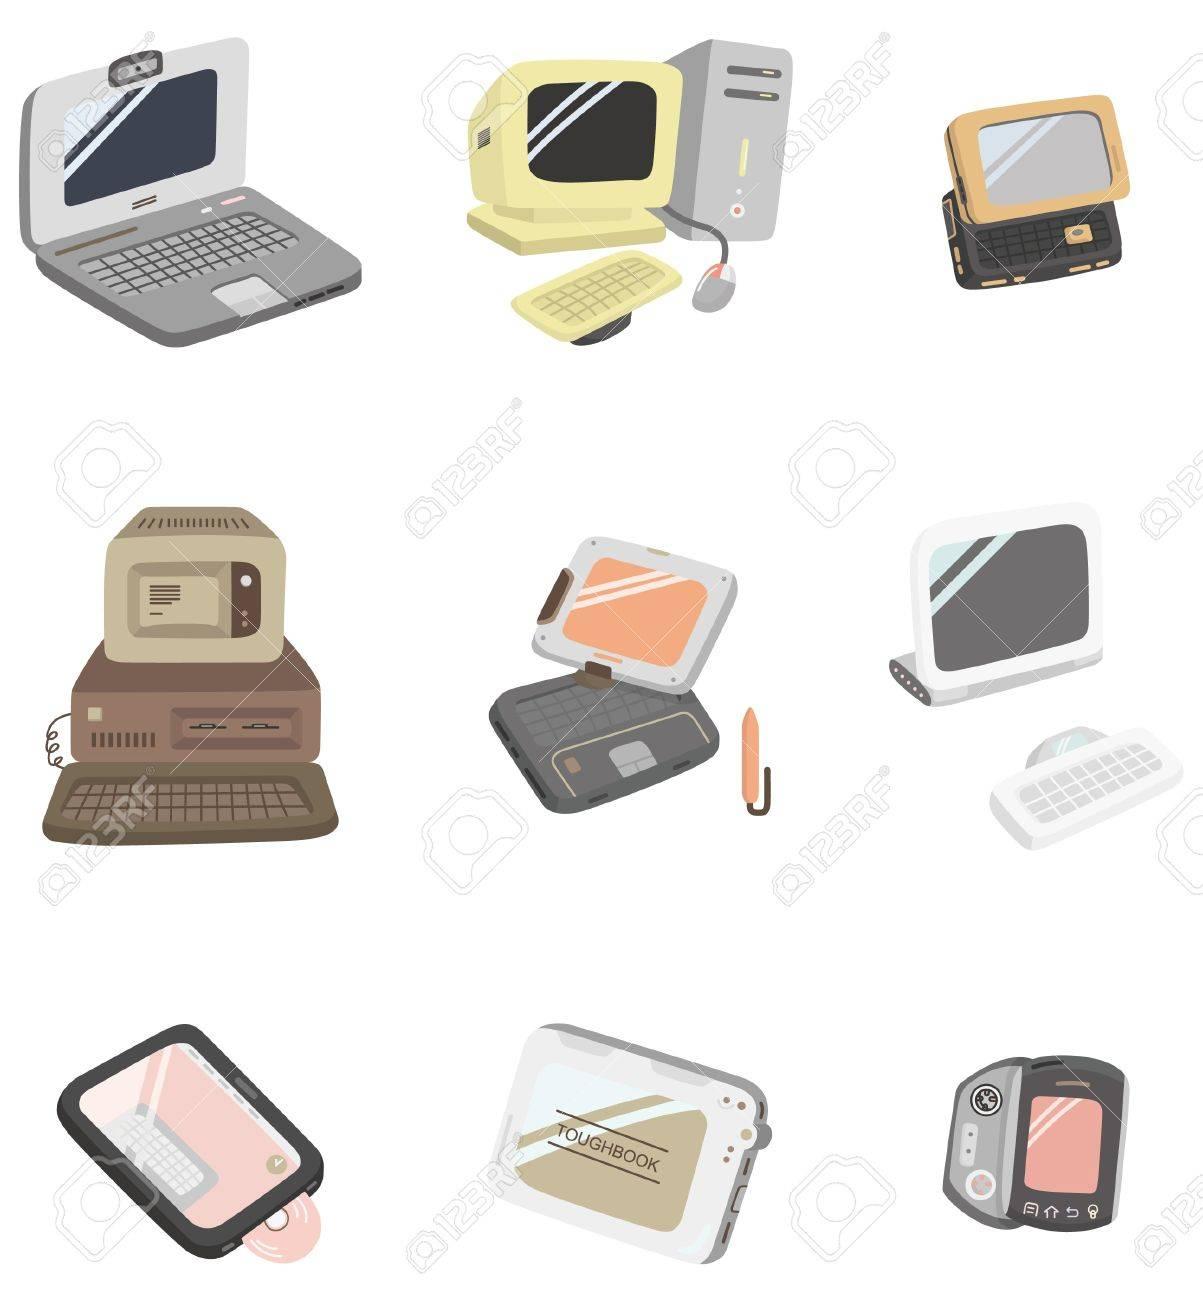 cartoon computer icon Stock Vector - 8713440